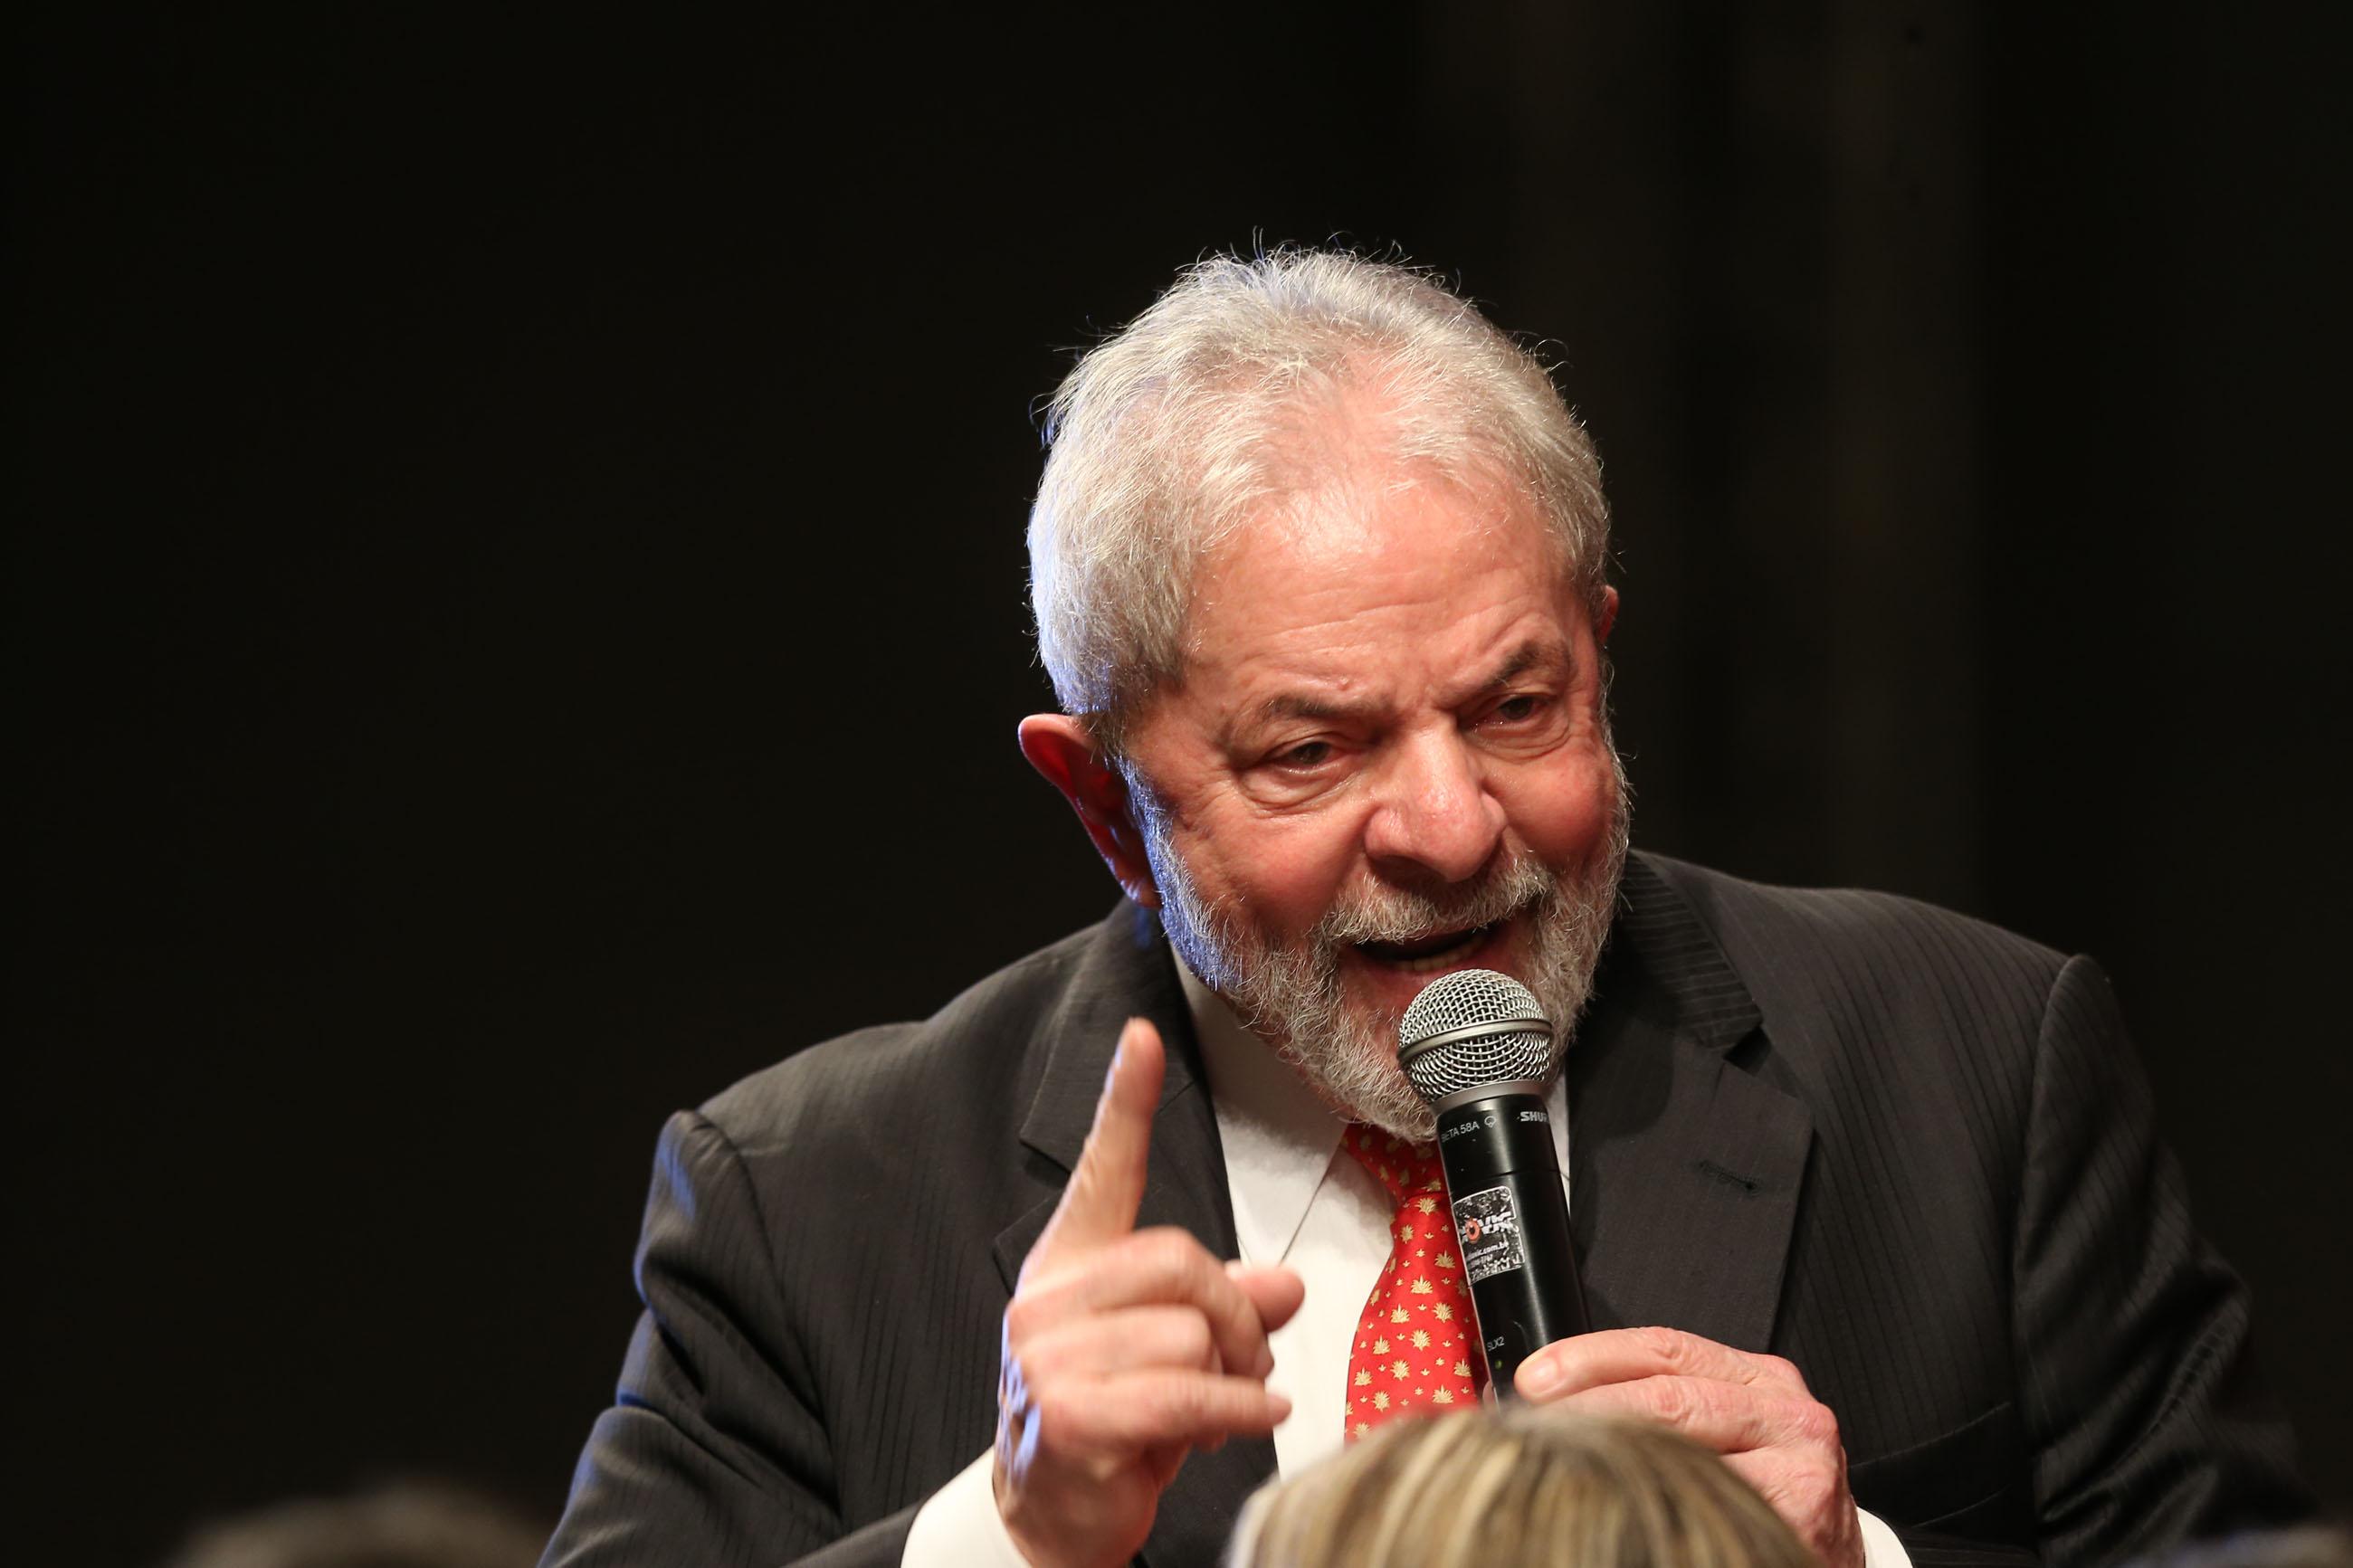 Juiz aceita denúncia, e Lula vira réu na Zelotes por corrupção passiva